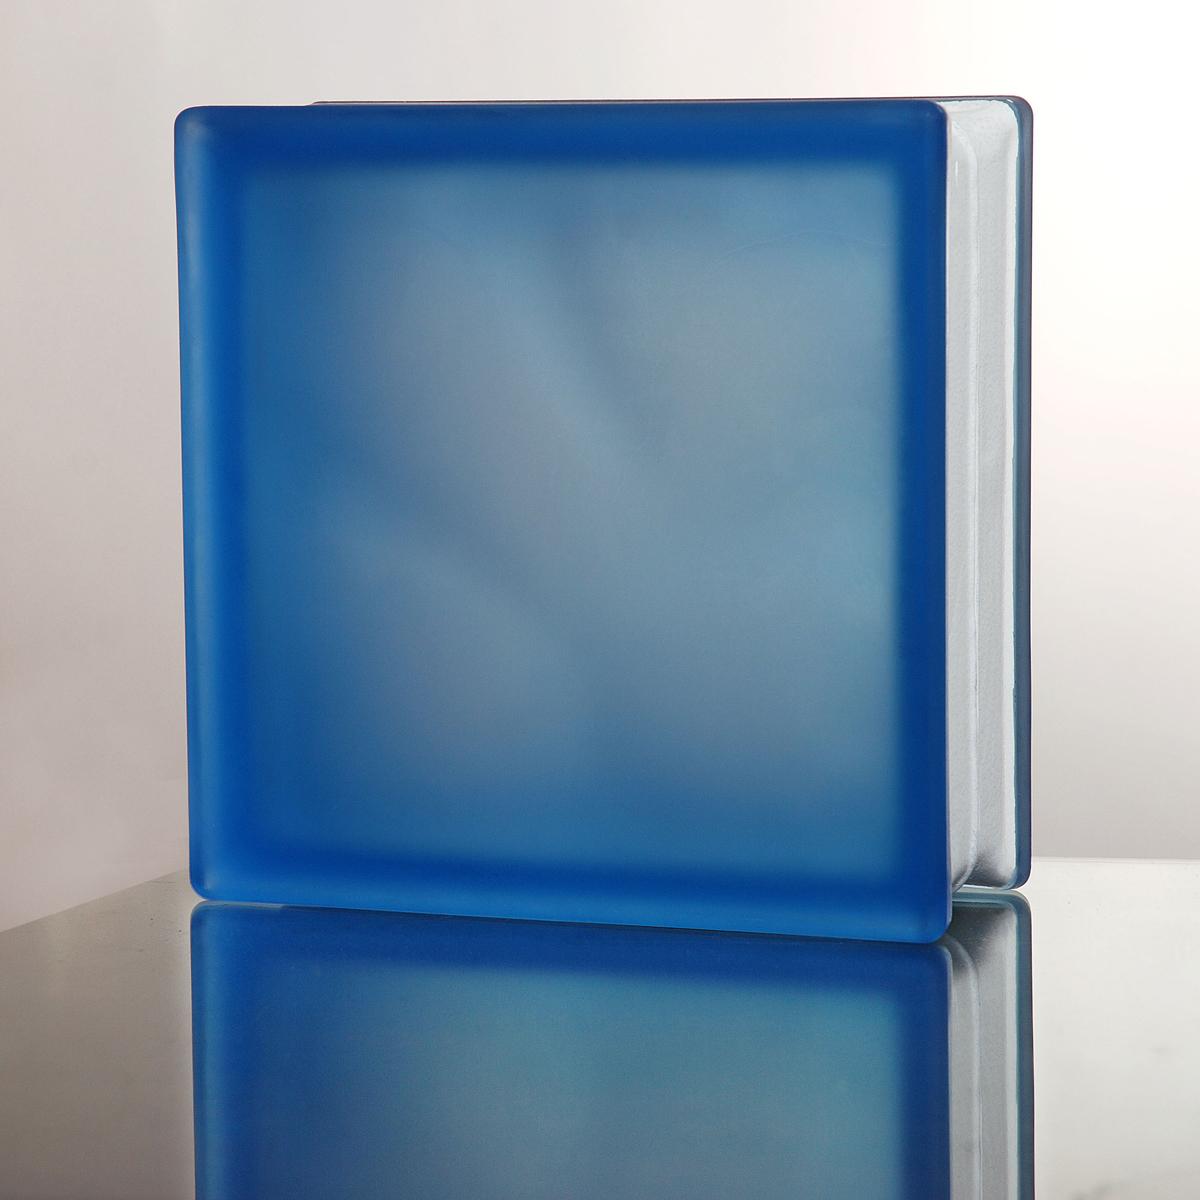 ガラスブロック 送料無料 6個セット 高品質 80mm厚 ミスティクラウディブルー